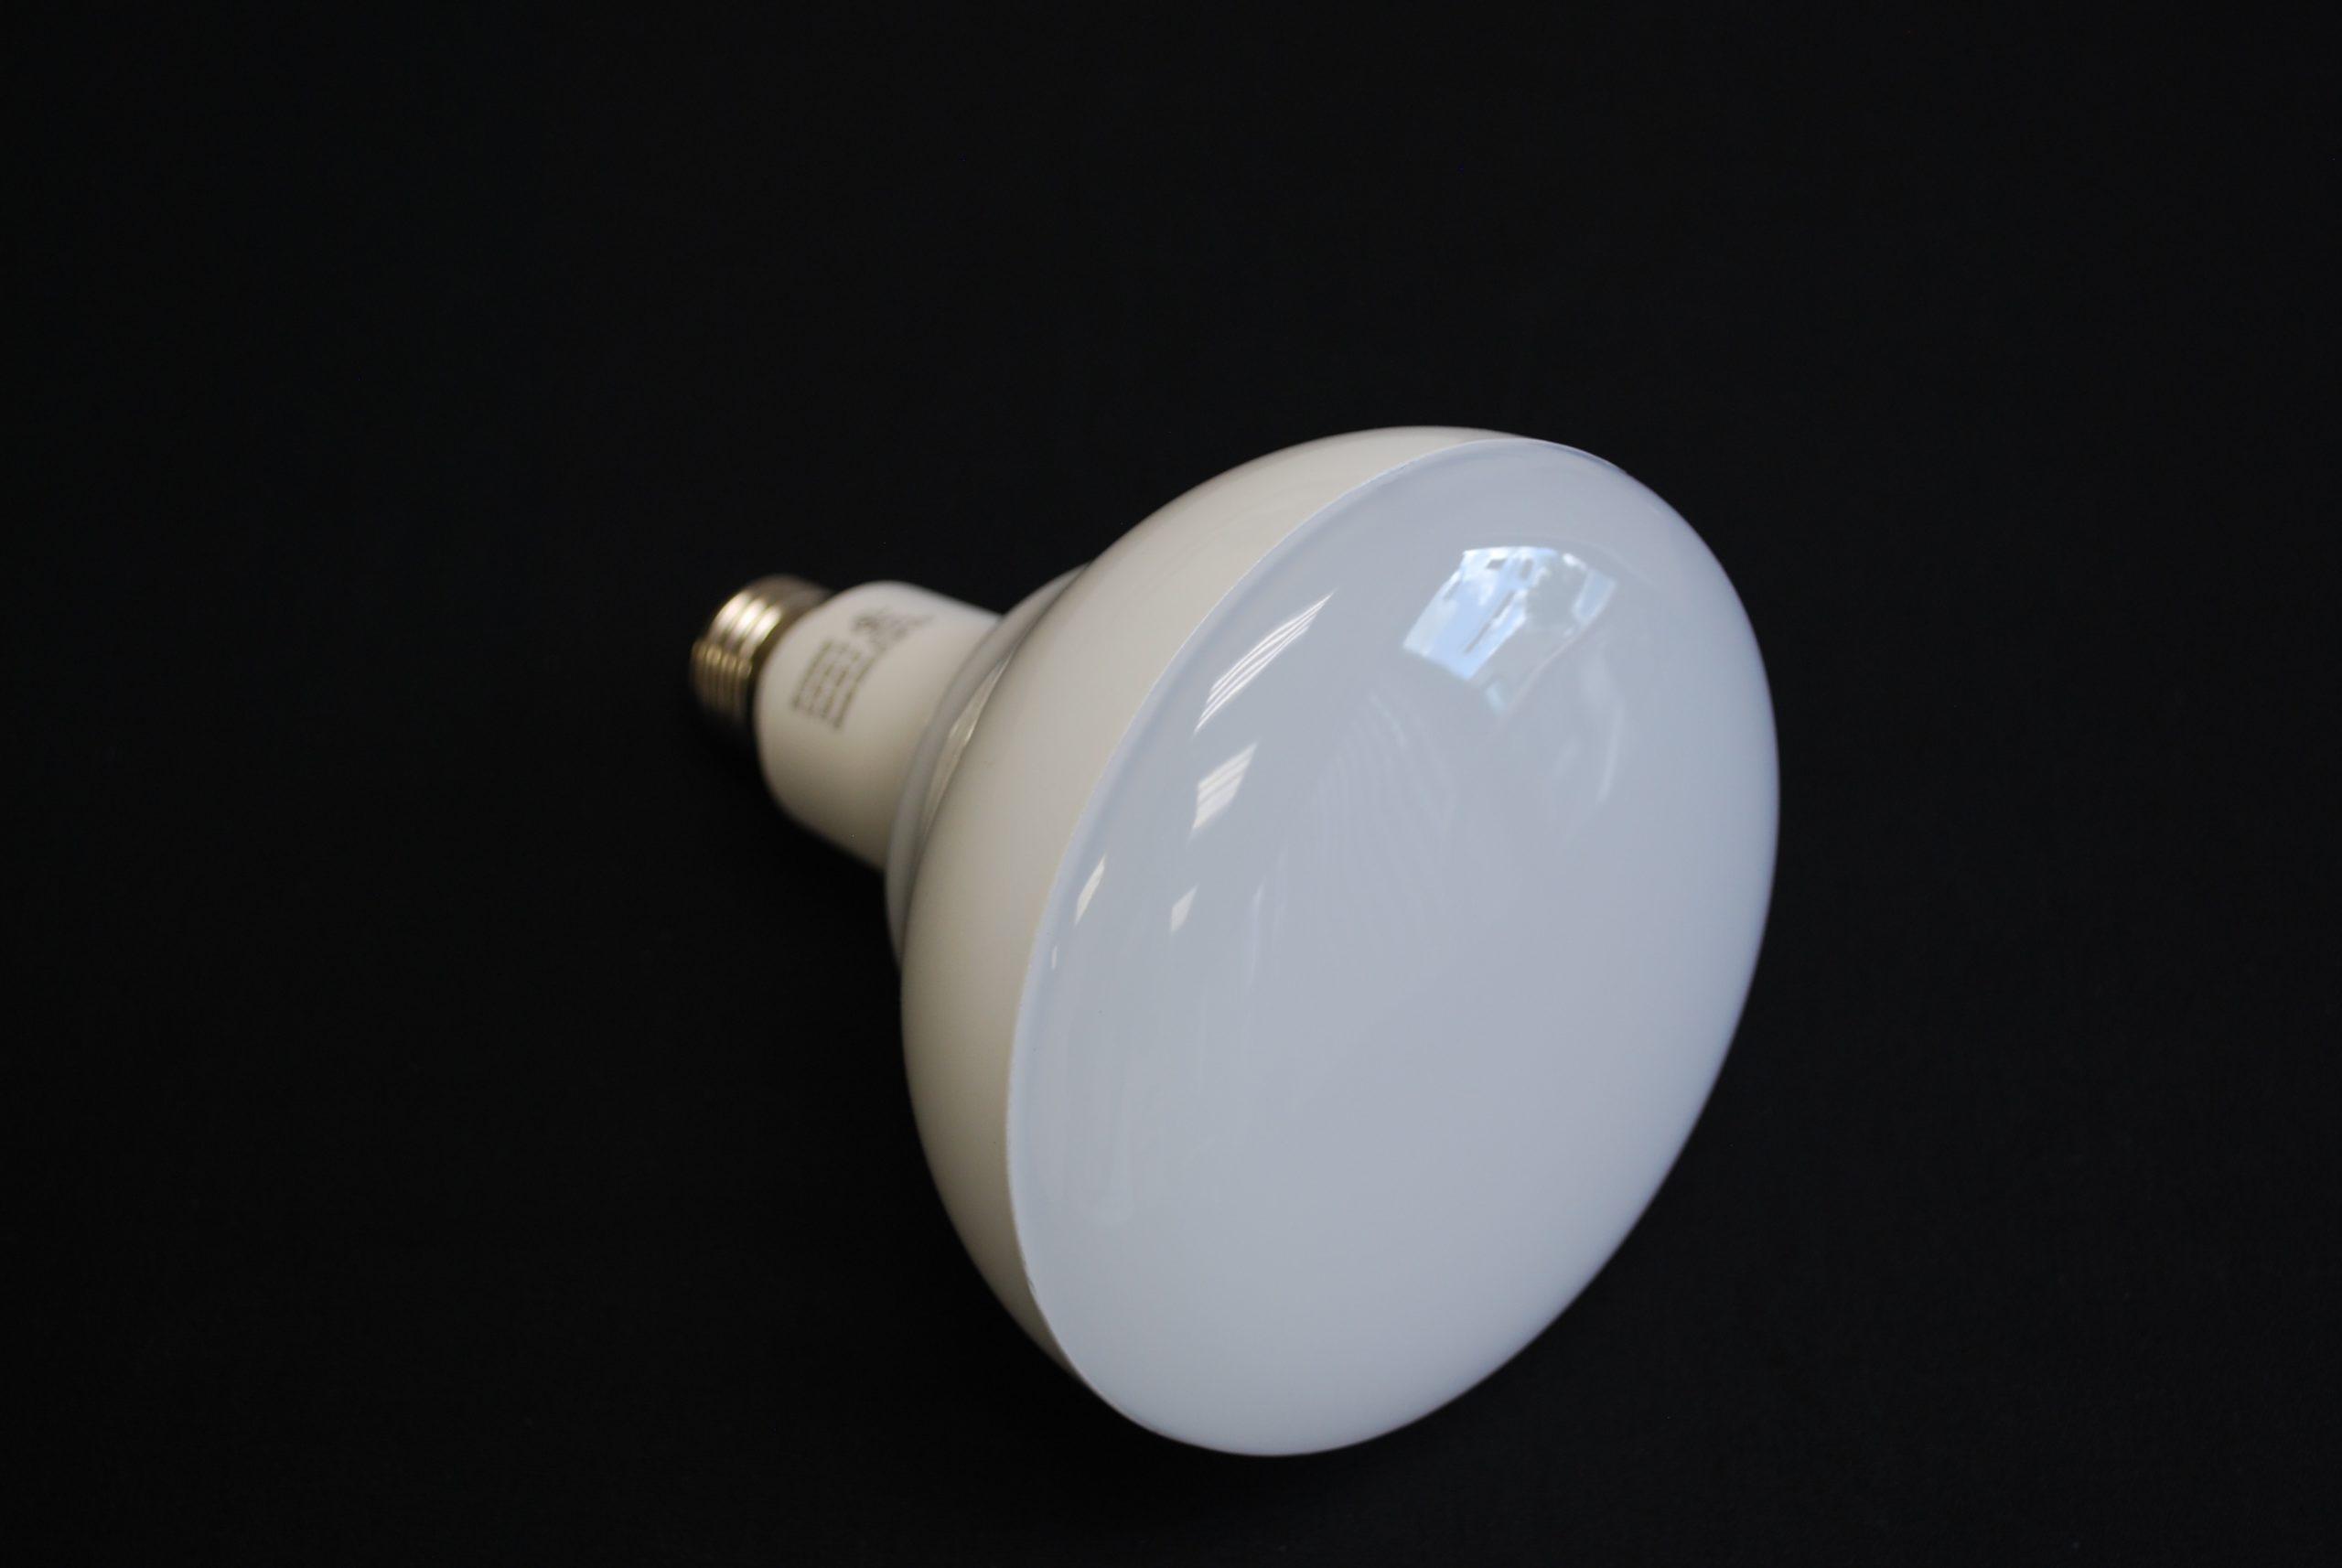 BR40 LED